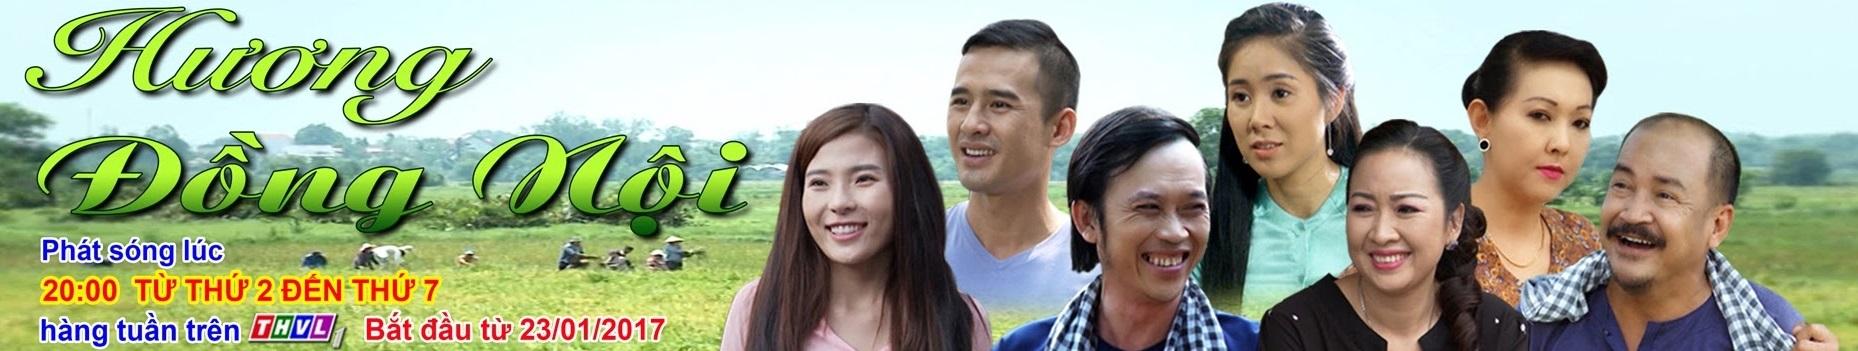 Hương Đồng Nội (AVI) - 32/xx tập